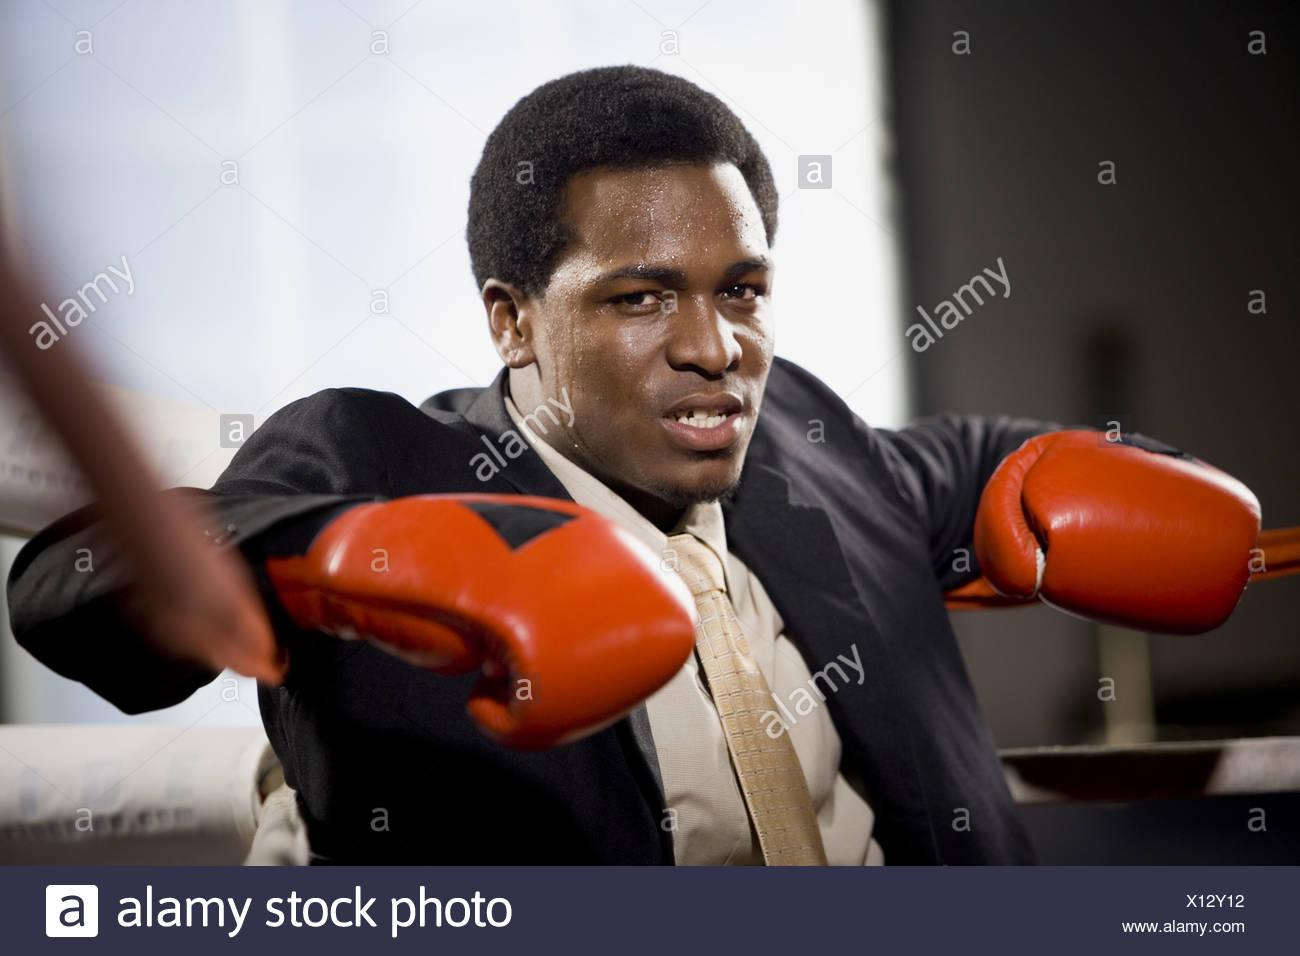 Retrato de un joven sentado en un cuadrilátero de boxeo Imagen De Stock